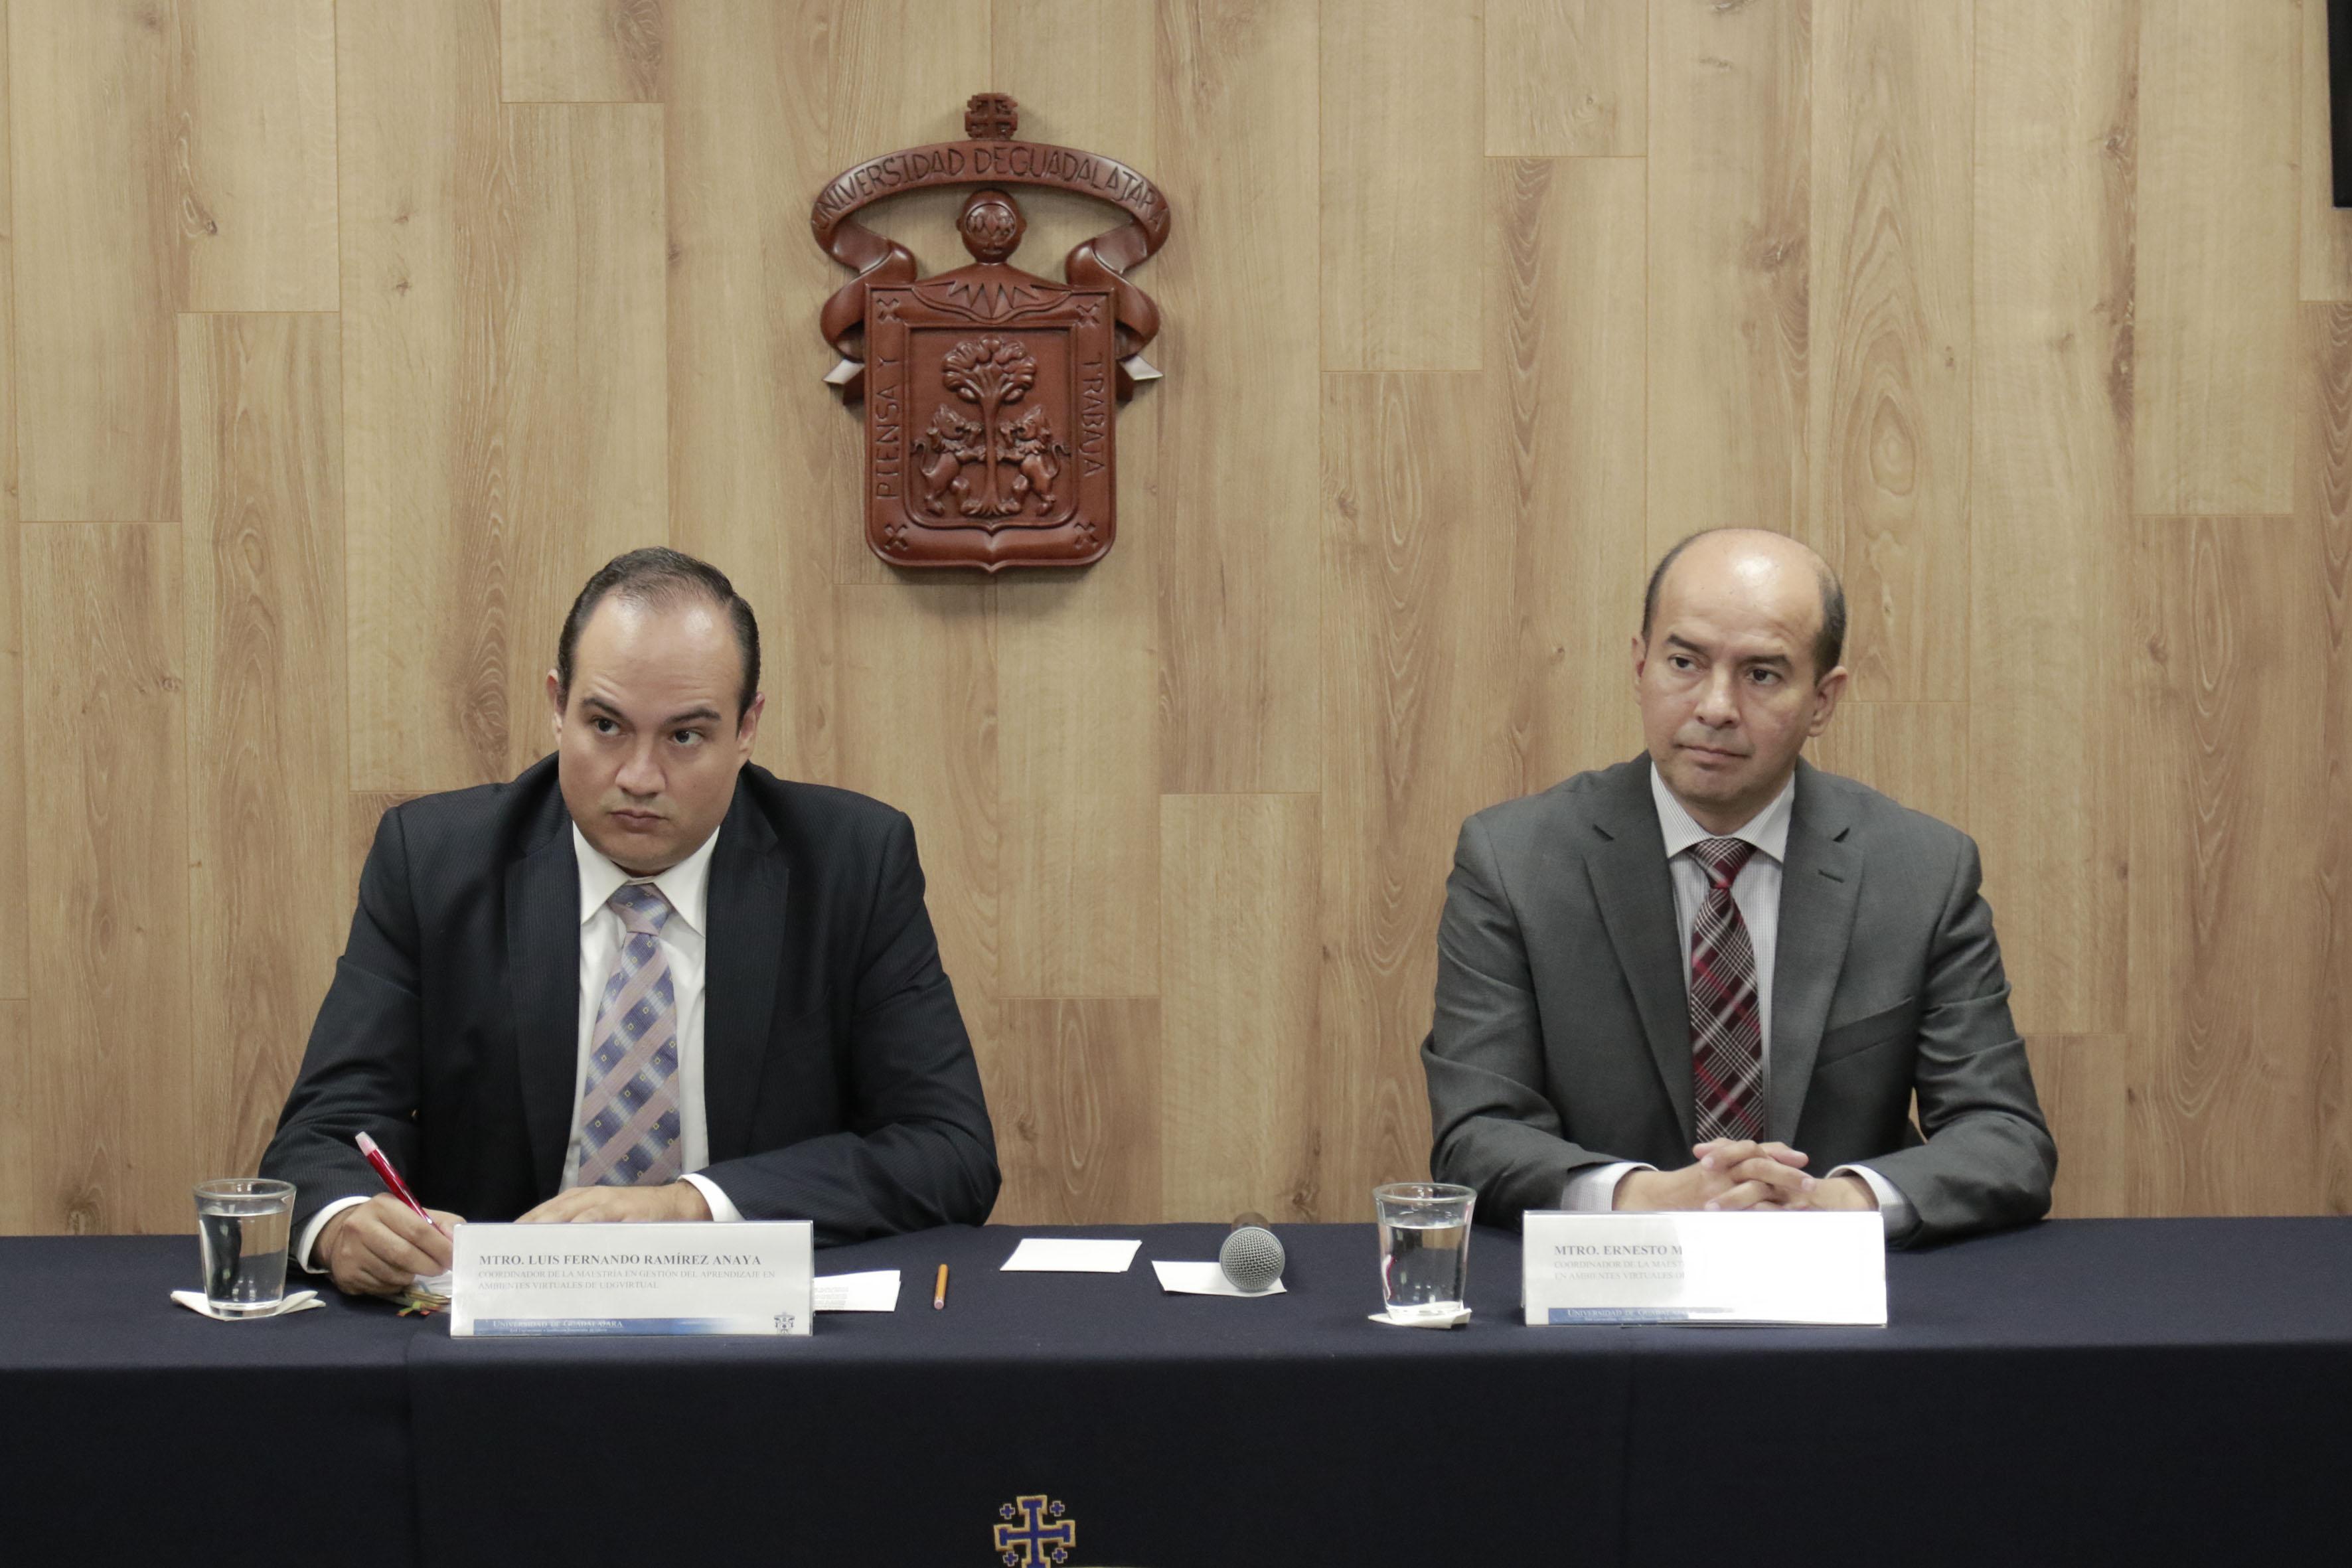 Rueda de prensa, convocada por académicos de UDGVirtual, para promover el gobierno electrónico como una herramienta para la corrupción.